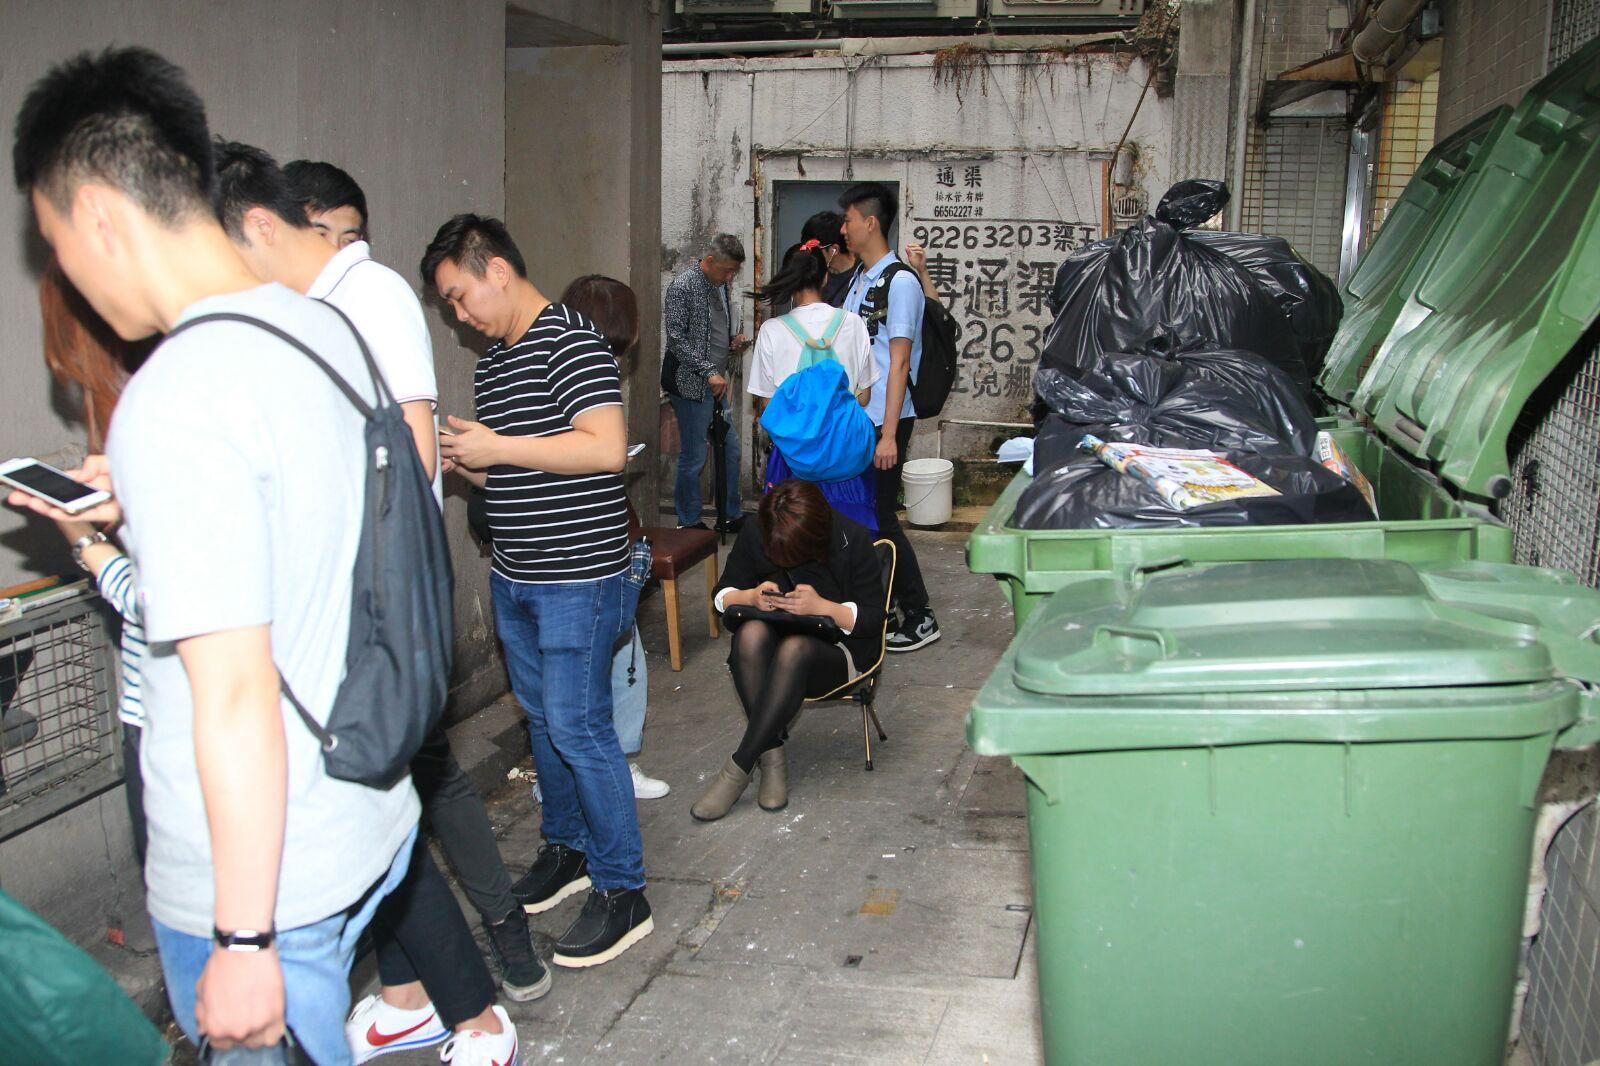 大垃圾桶位置,有排隊人士睡覺。